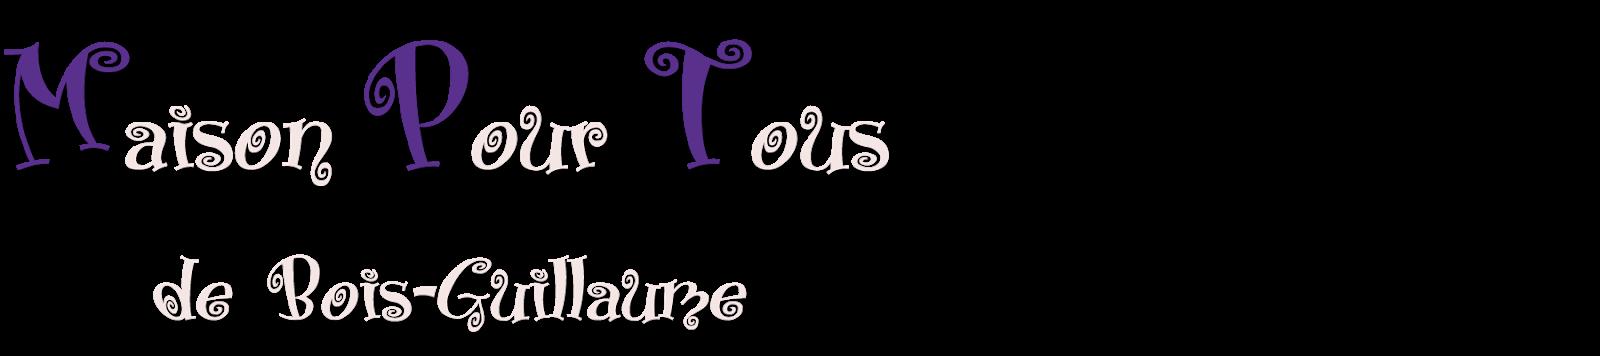 Maison Pour Tous de Bois-Guillaume - Activités